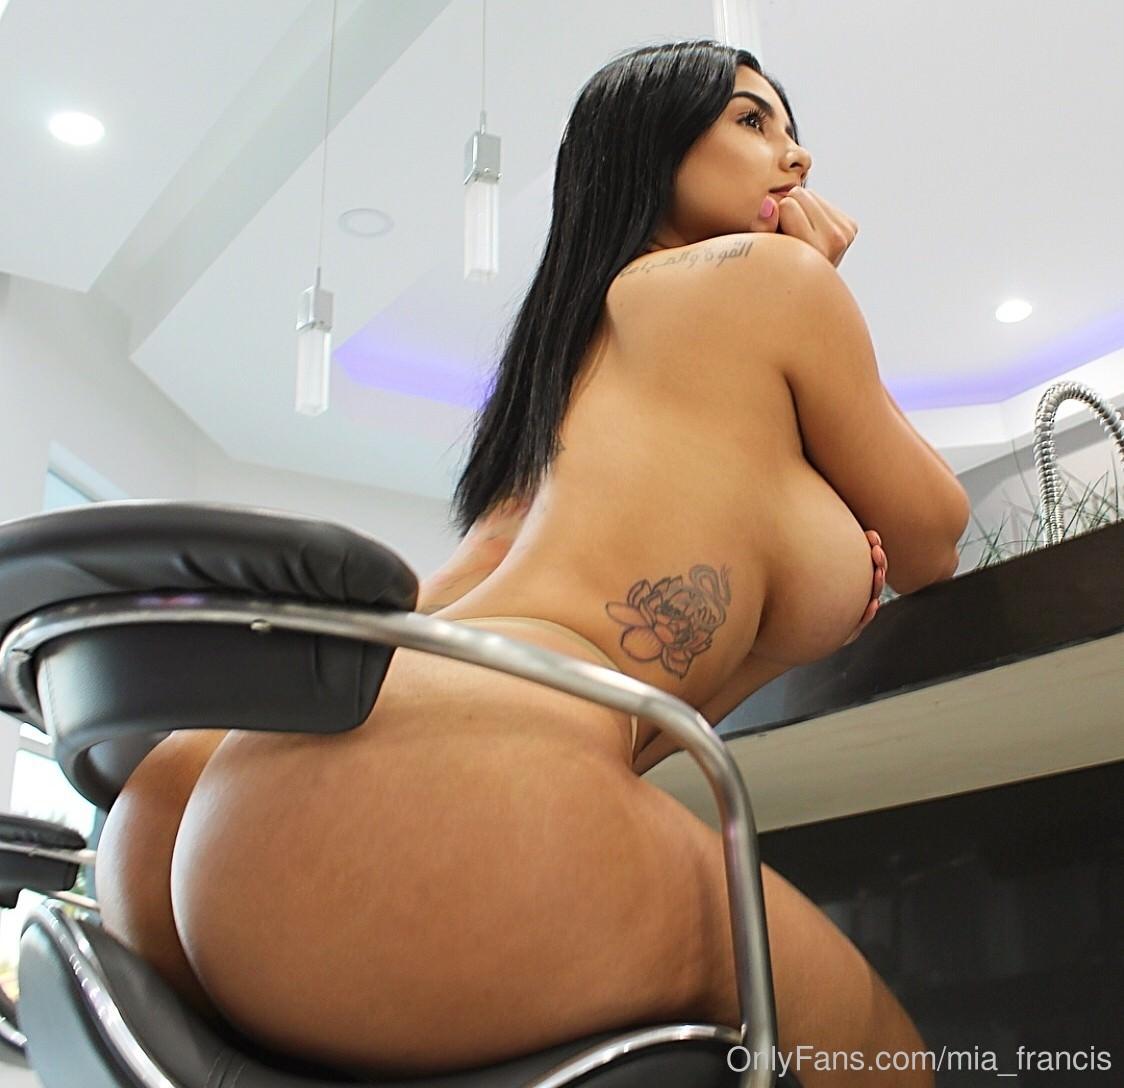 Mia Francis Naked 60